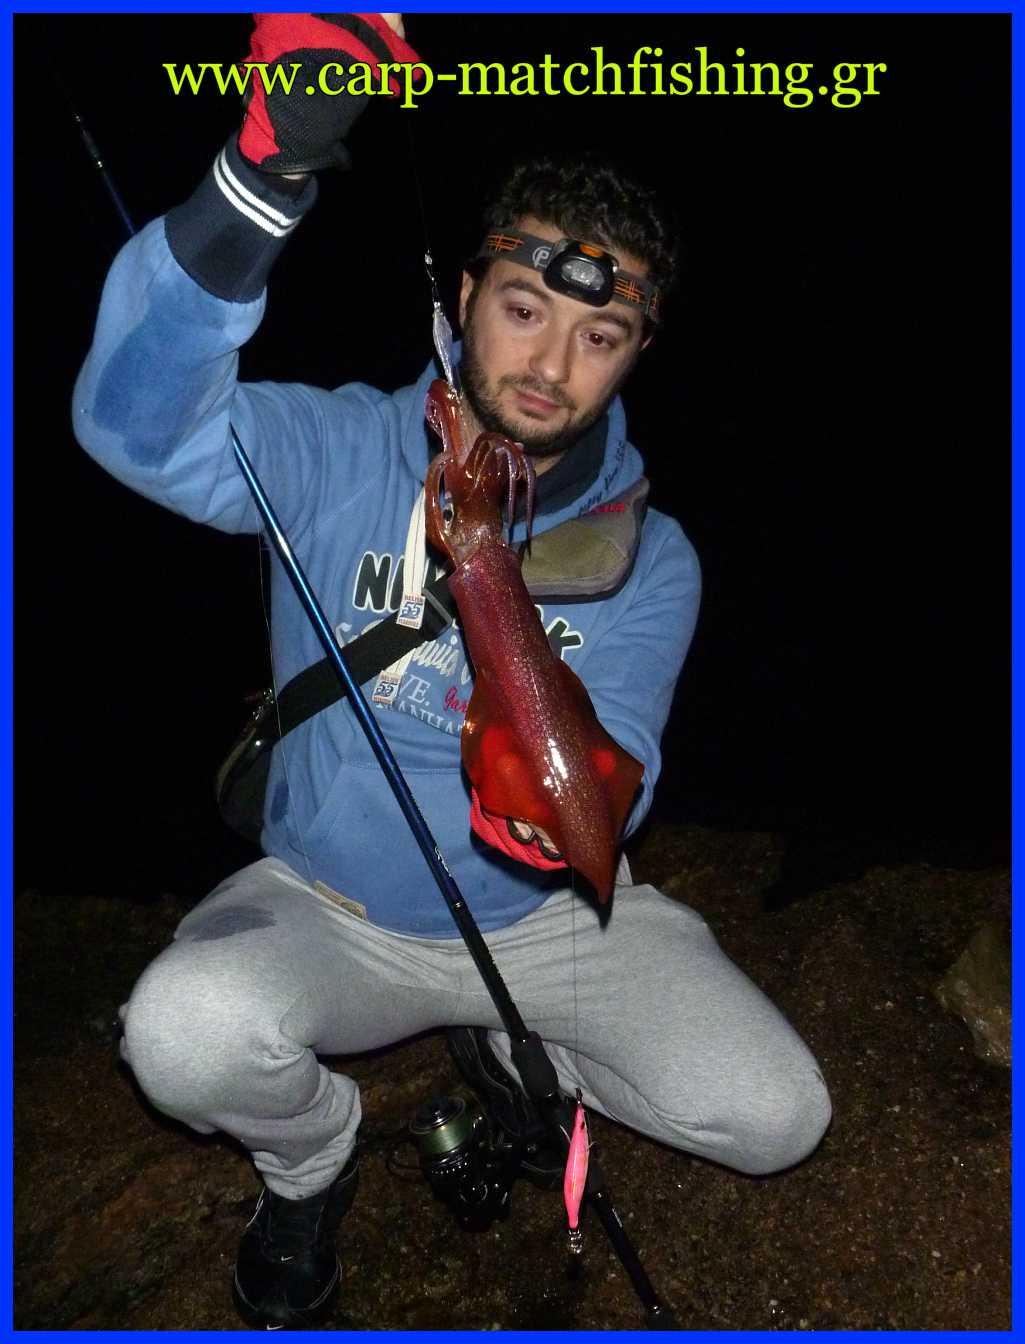 diplari-eging-kalamarieres-carp-matchfishing.jpg